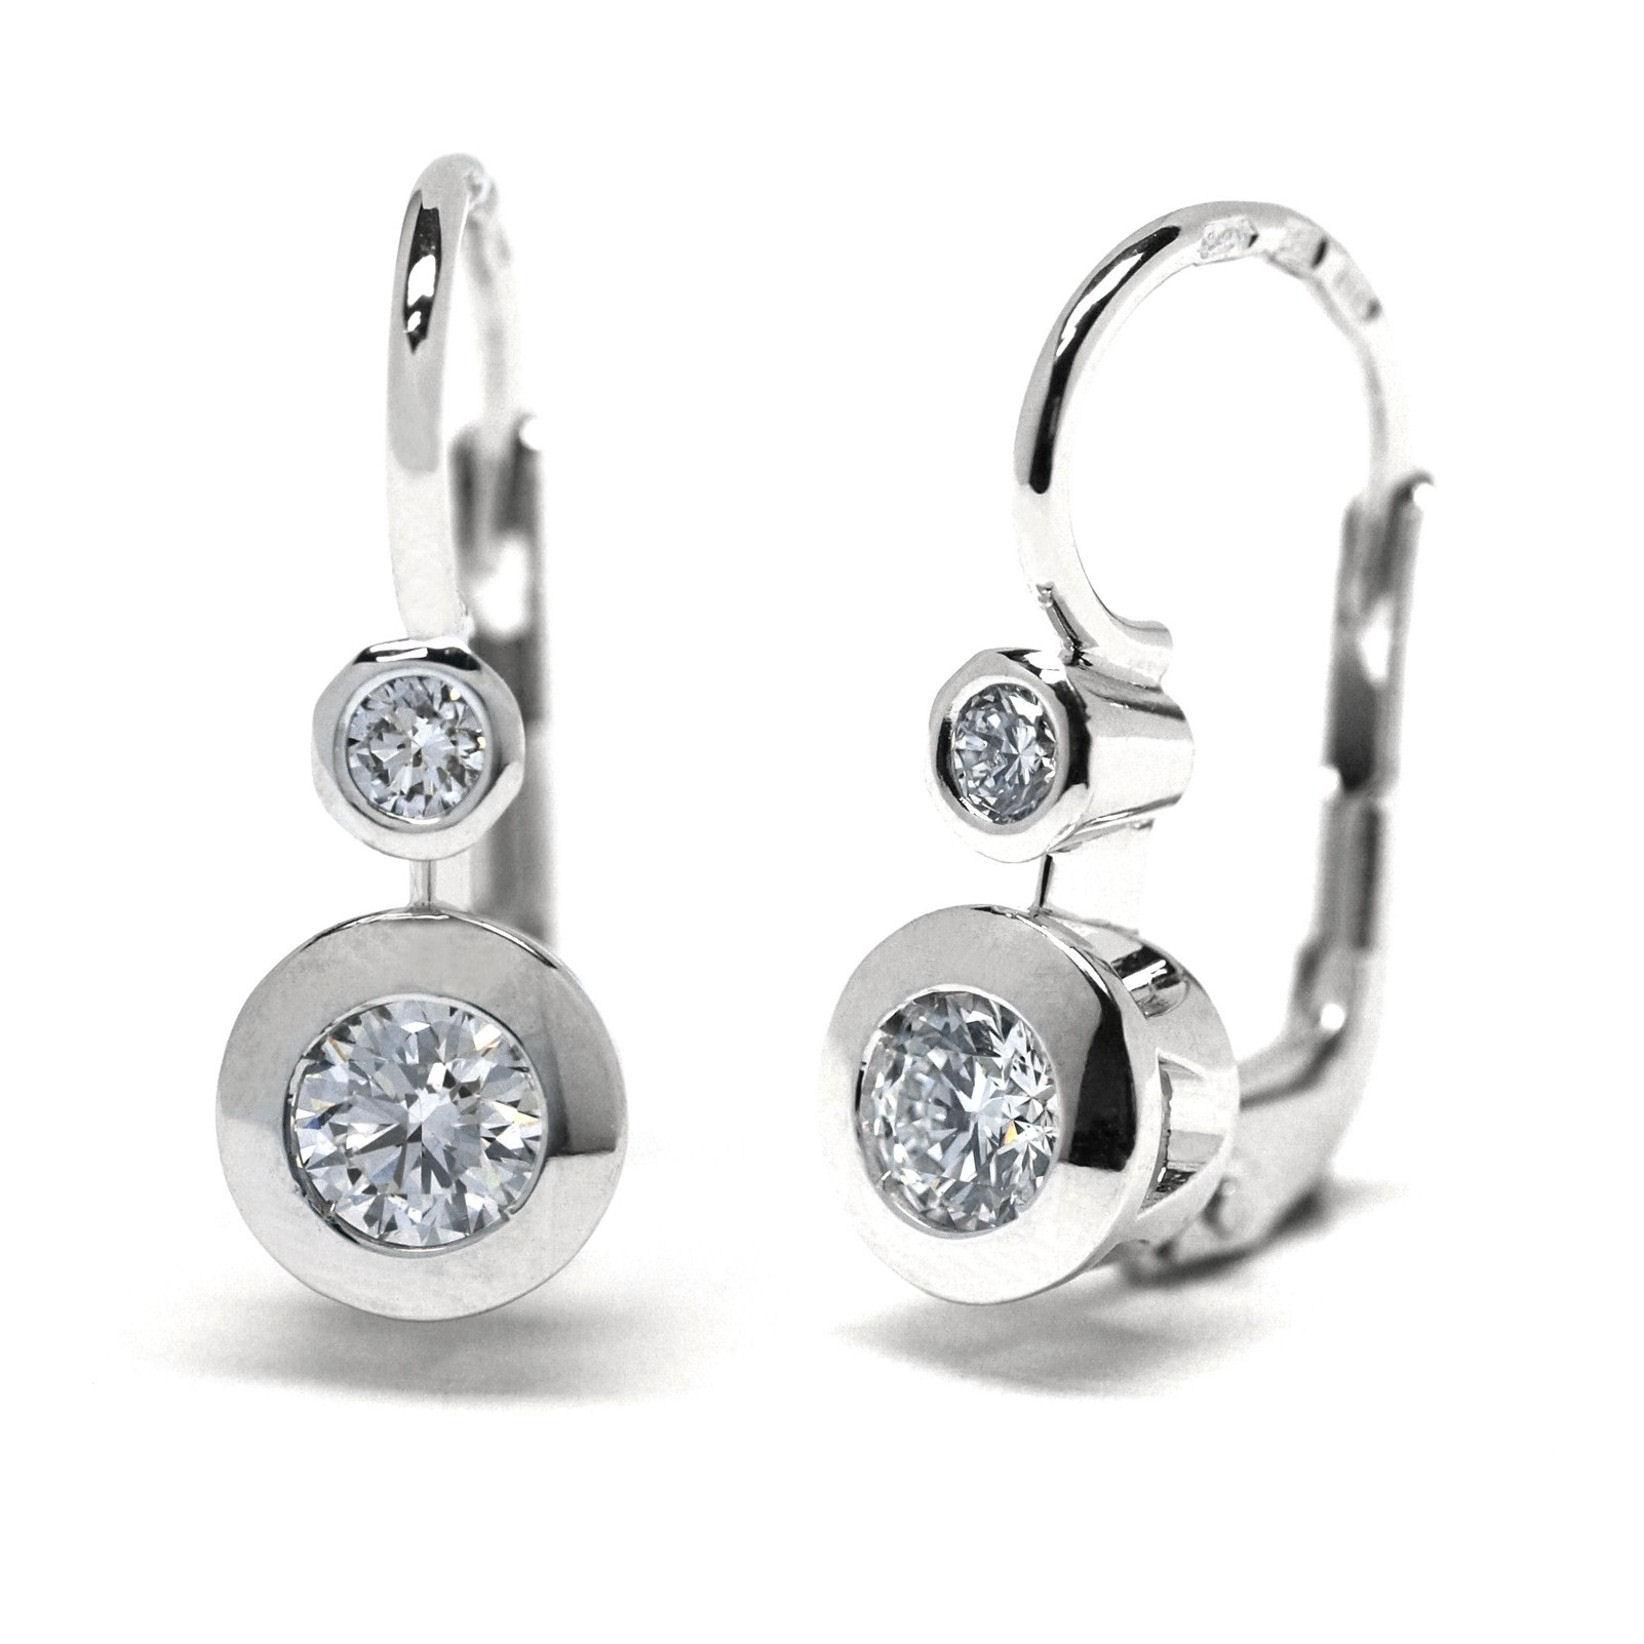 Diamantové zlaté náušnice z bílého zlata J-29811-18 (J-29811-18 - POŠTOVNÉ ZDARMA!!)